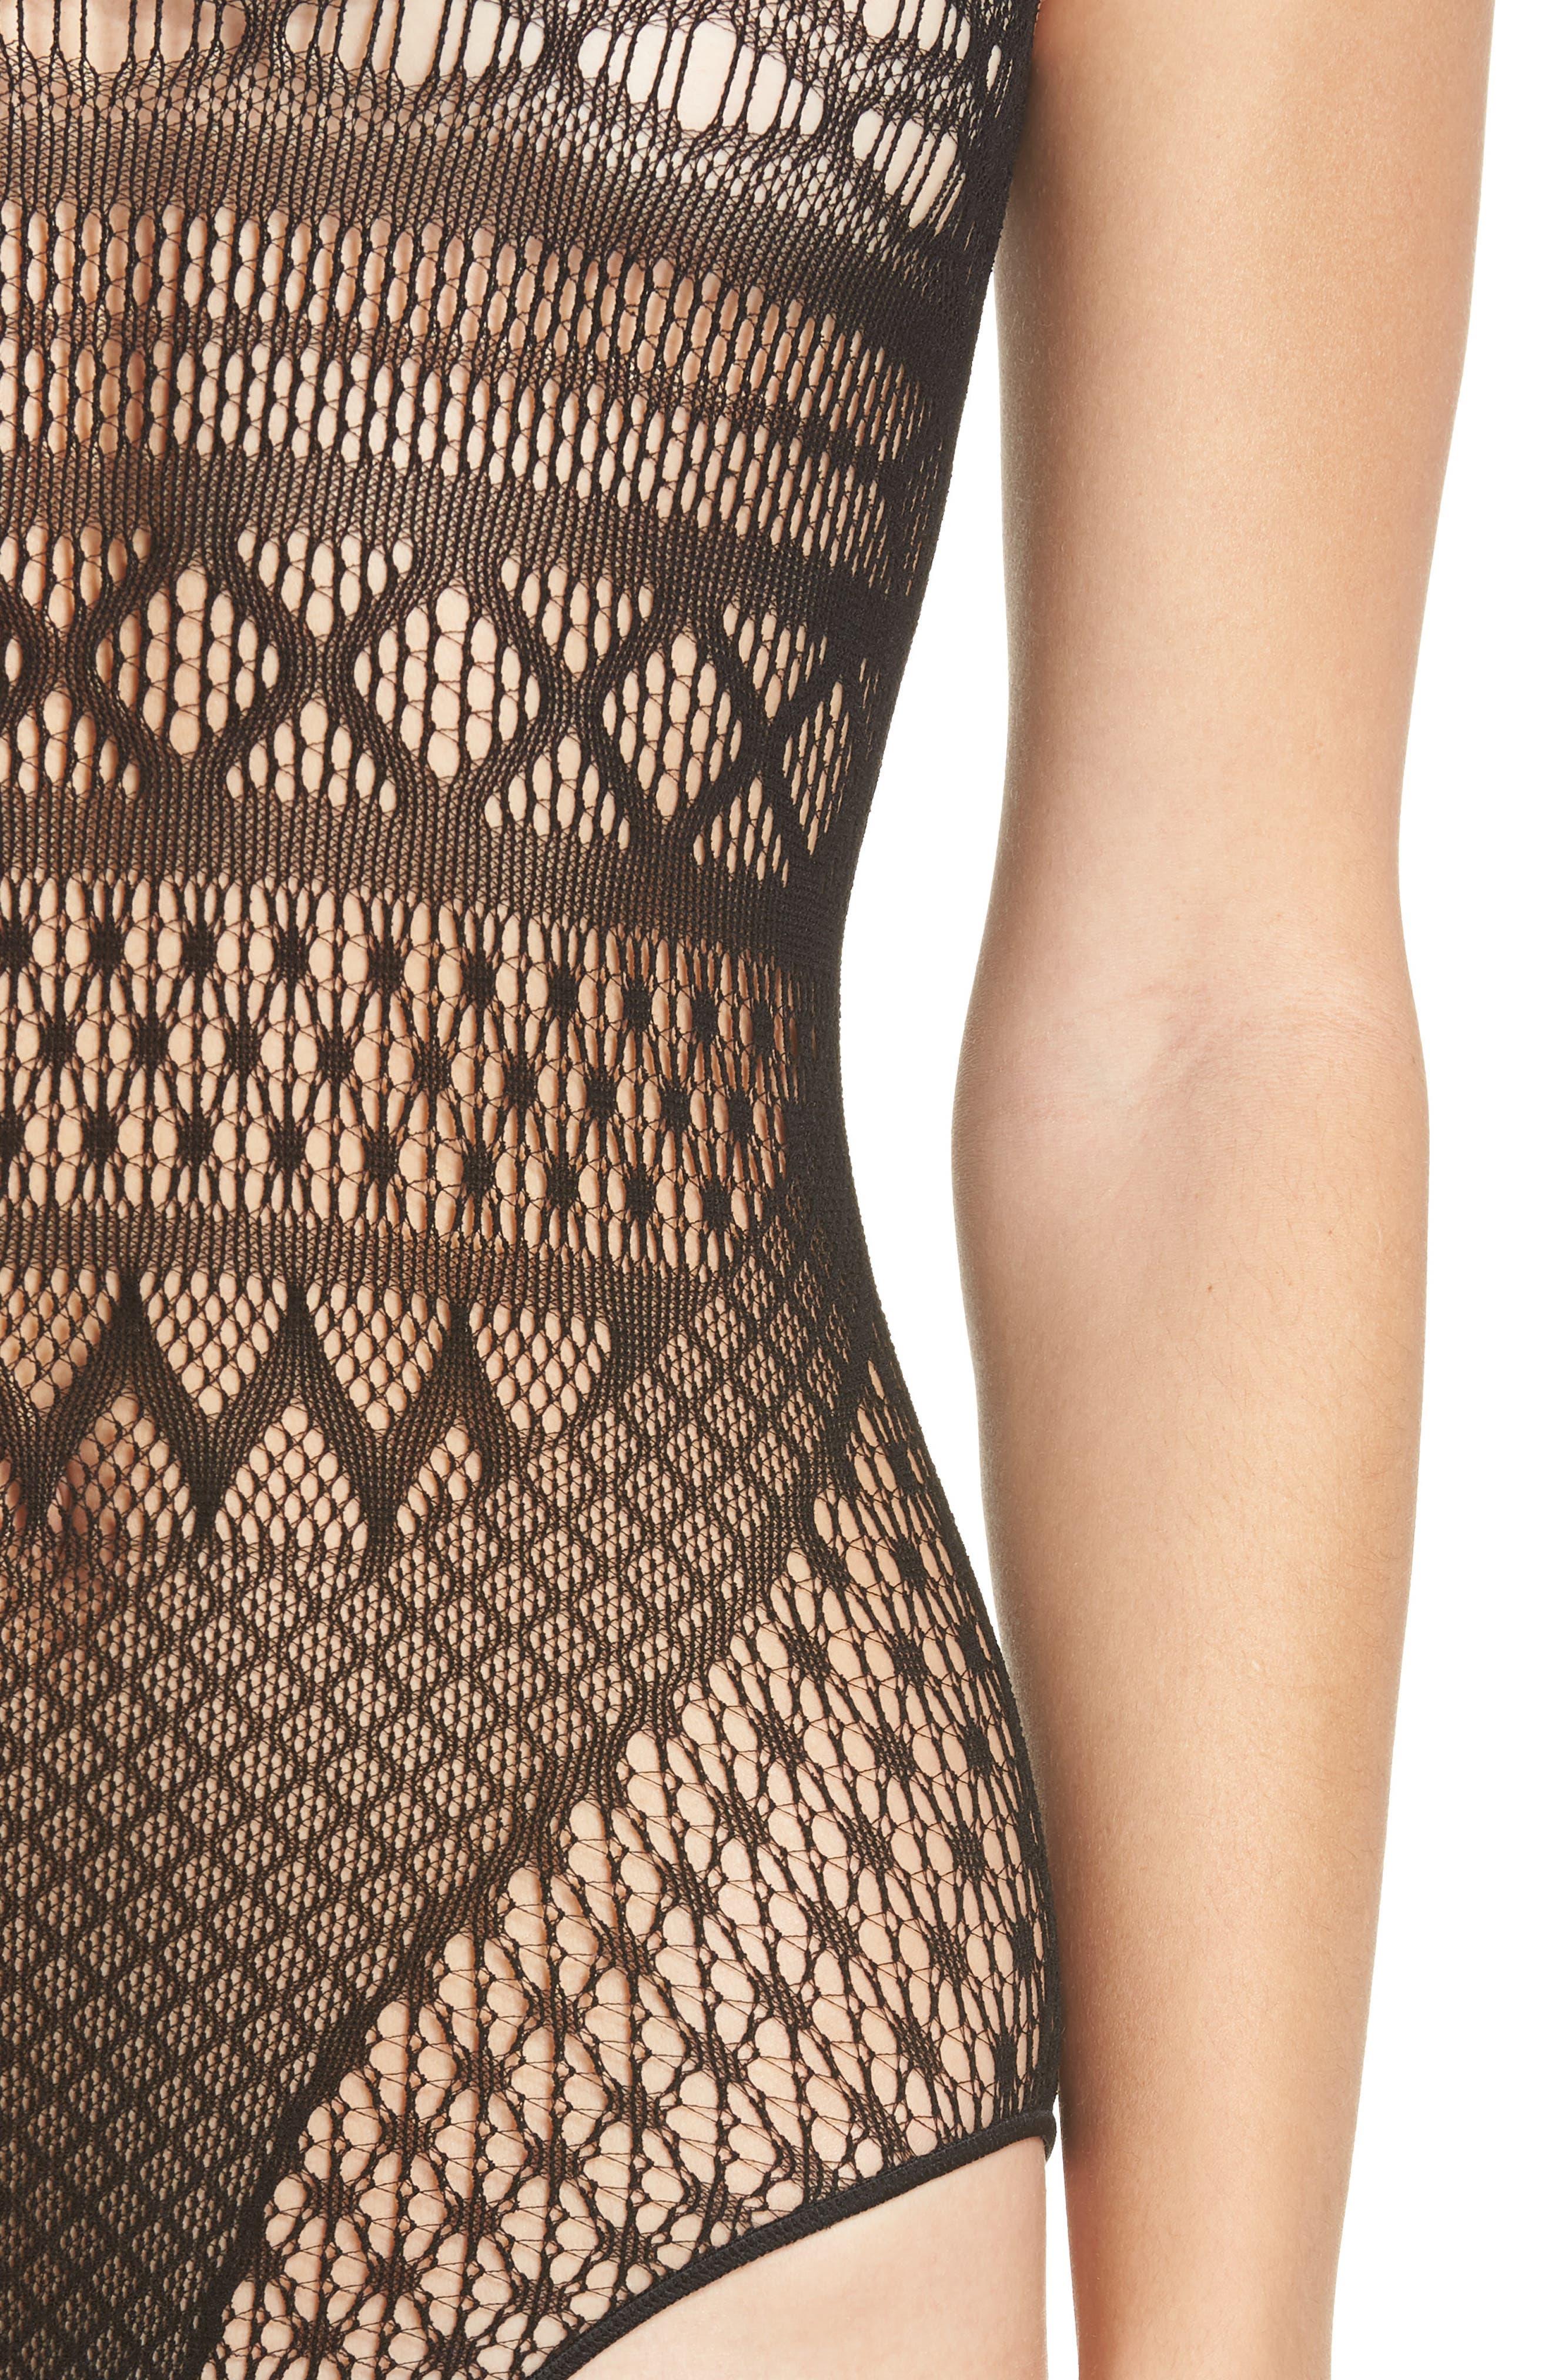 HAUTY, Lace Bodysuit, Alternate thumbnail 4, color, BLACK